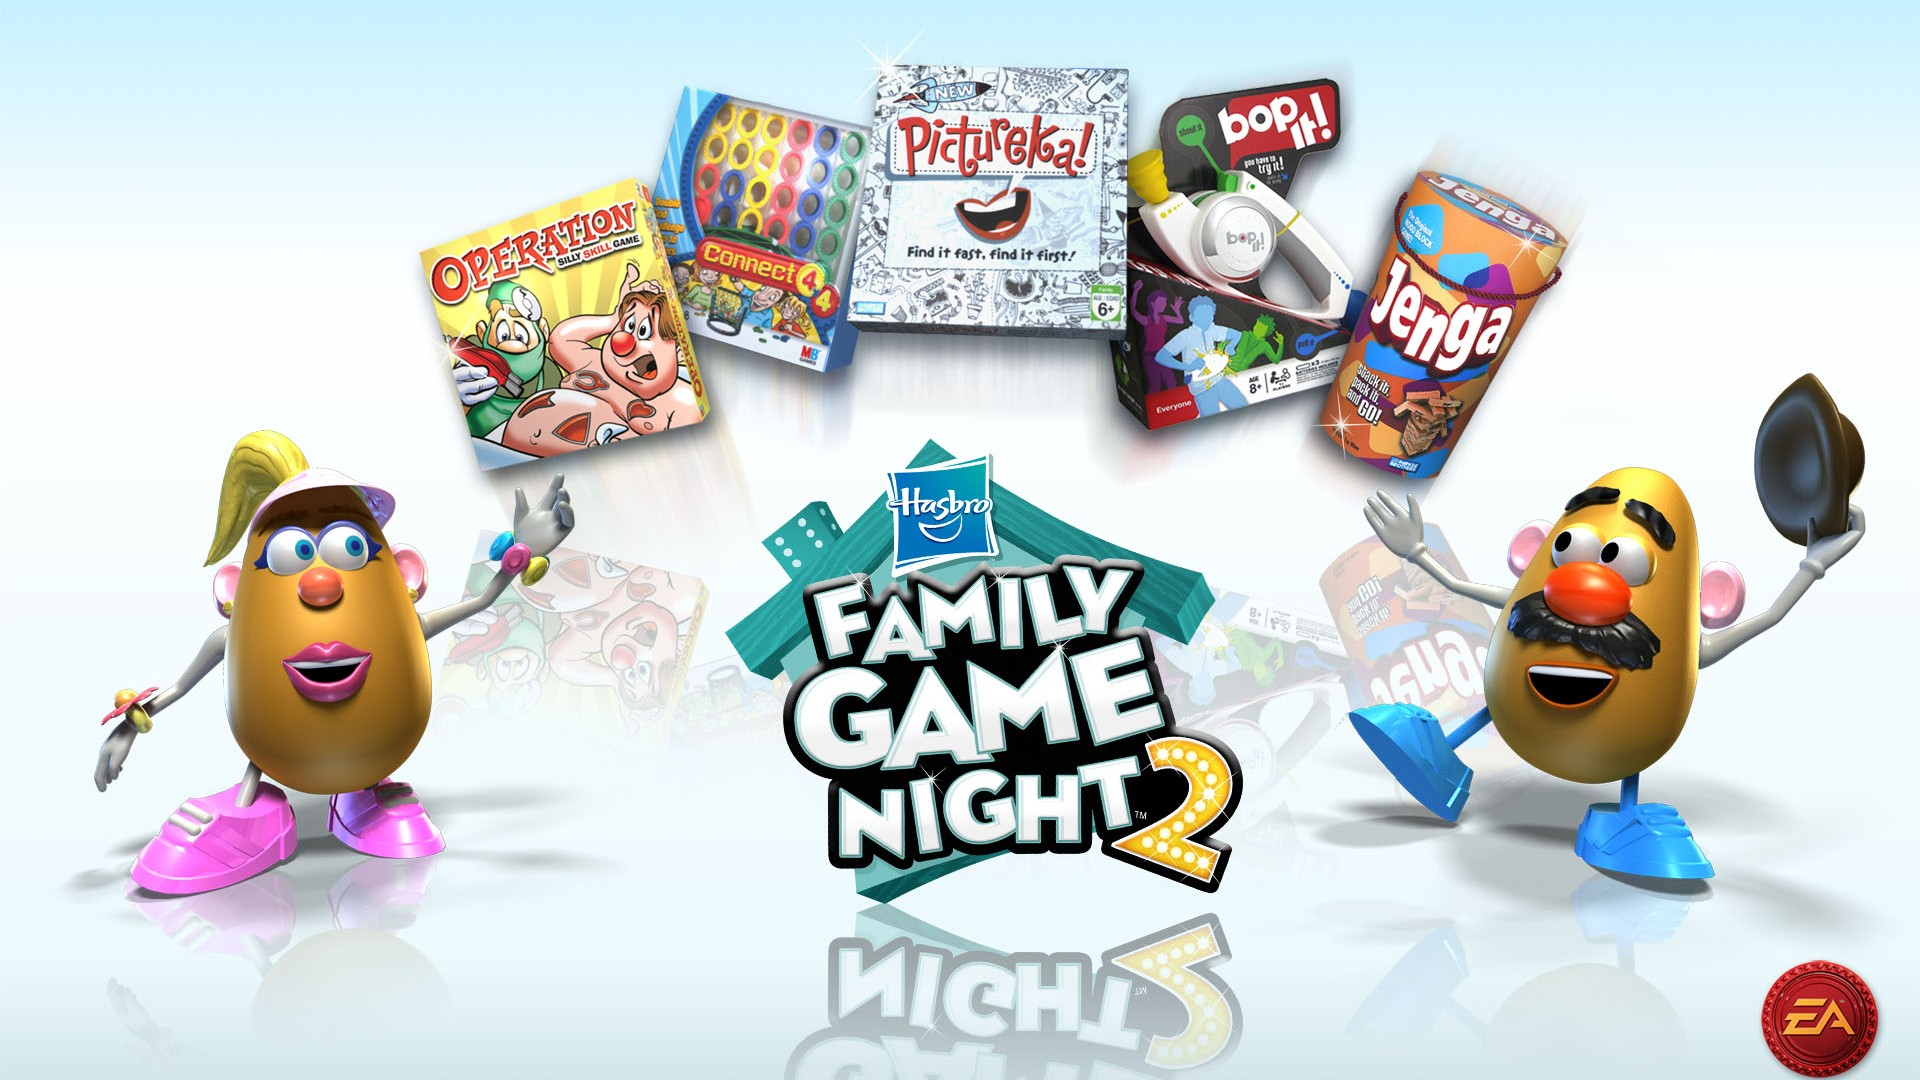 Game Night 2